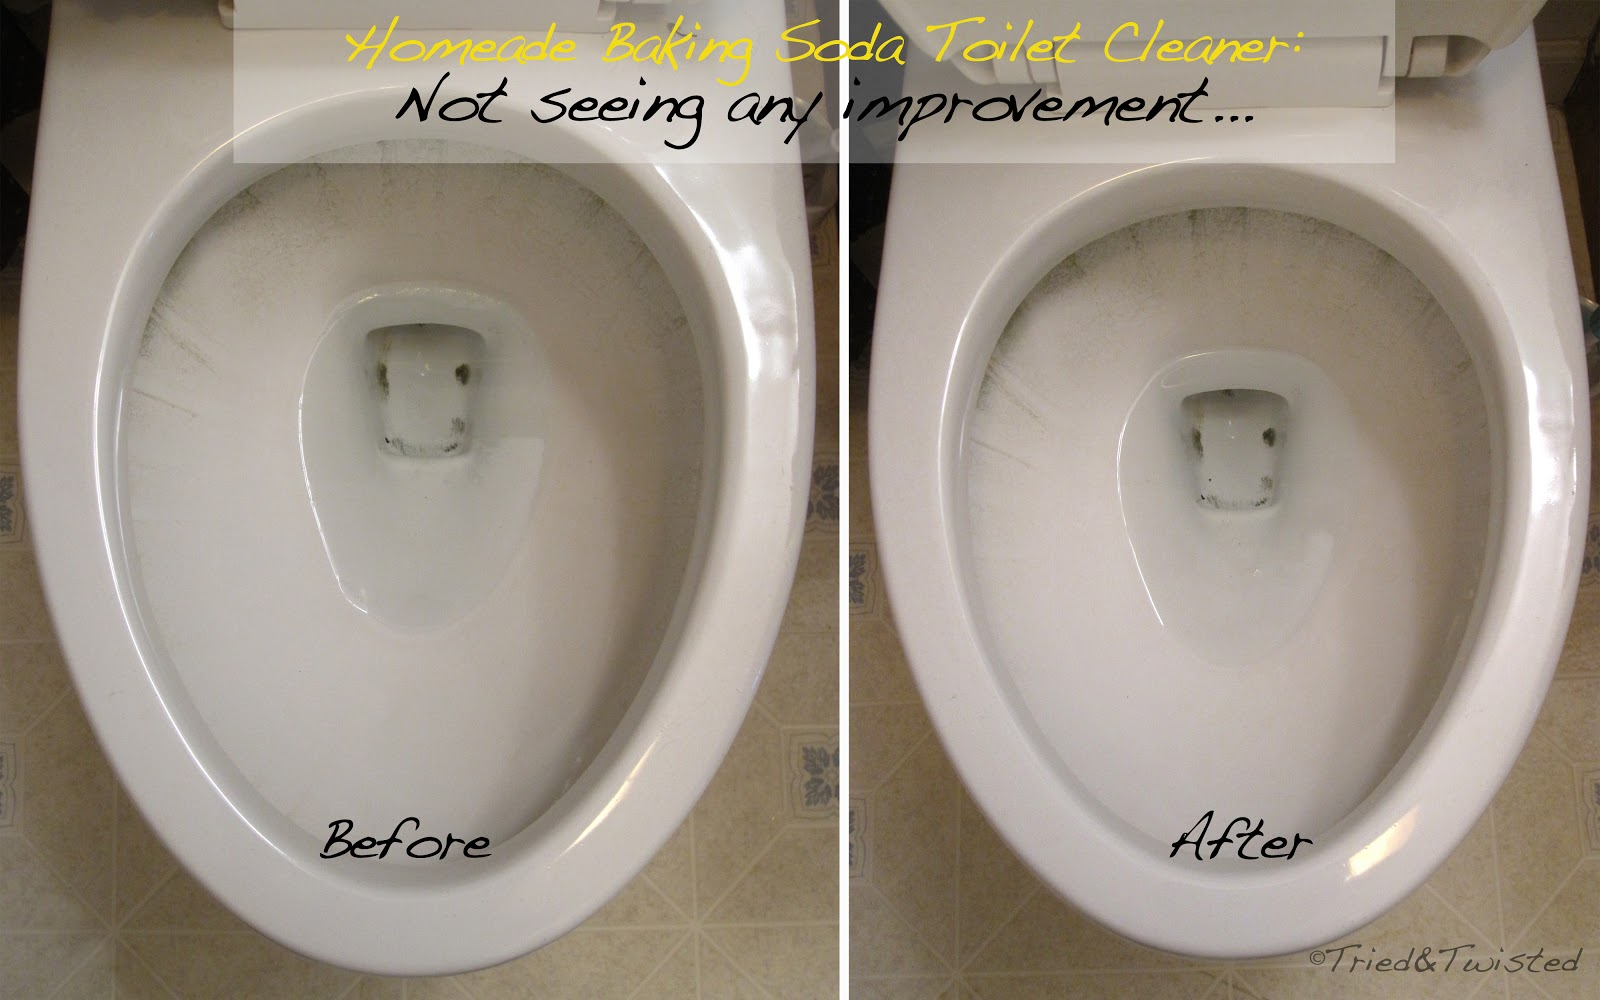 Homemade Toilet Cleaner Doesnt Work